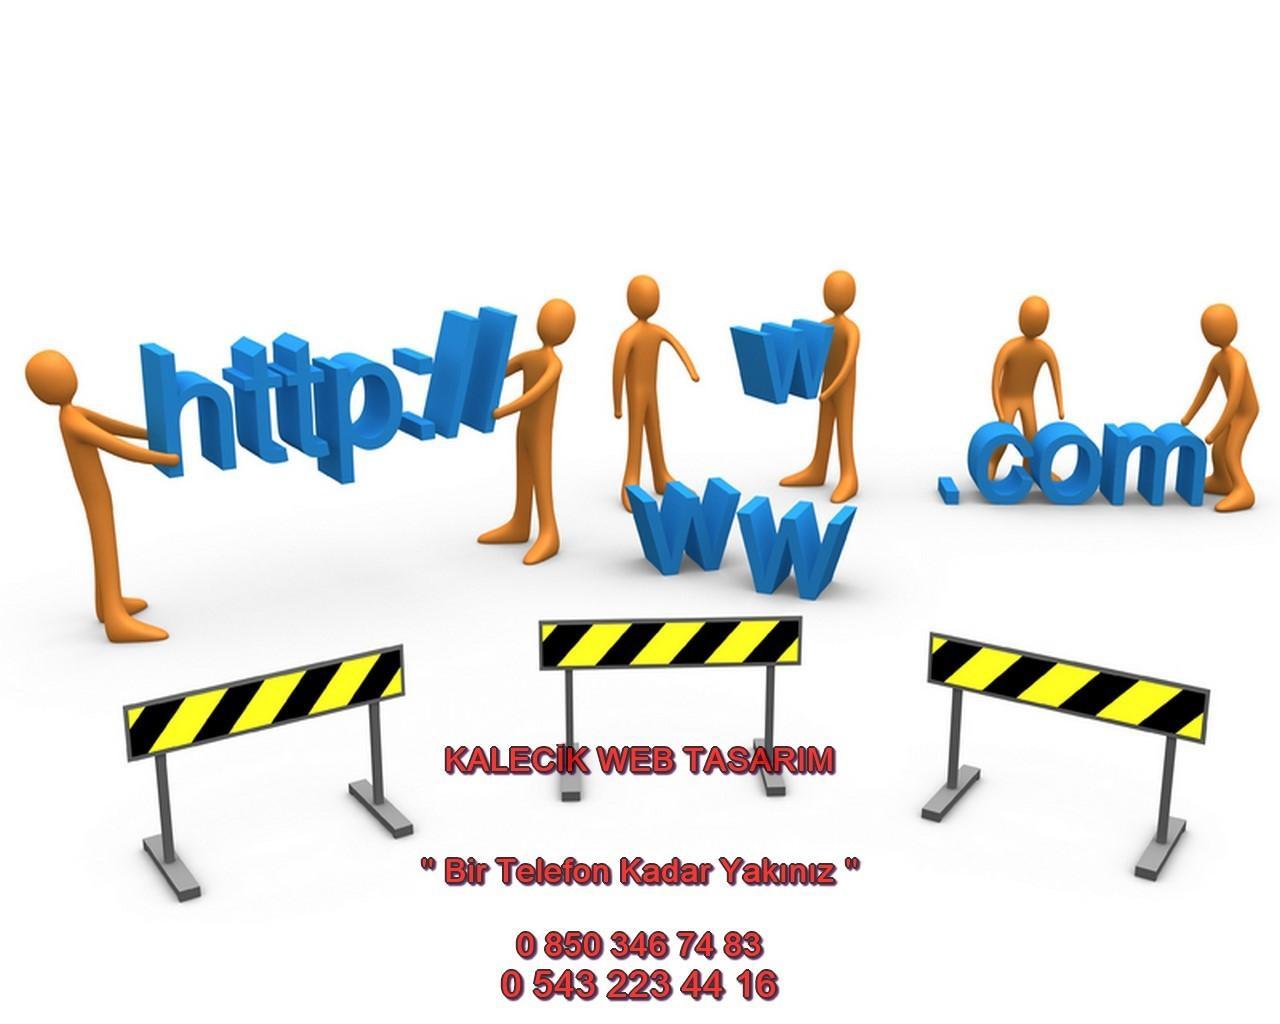 Kalecik Web Tasarım